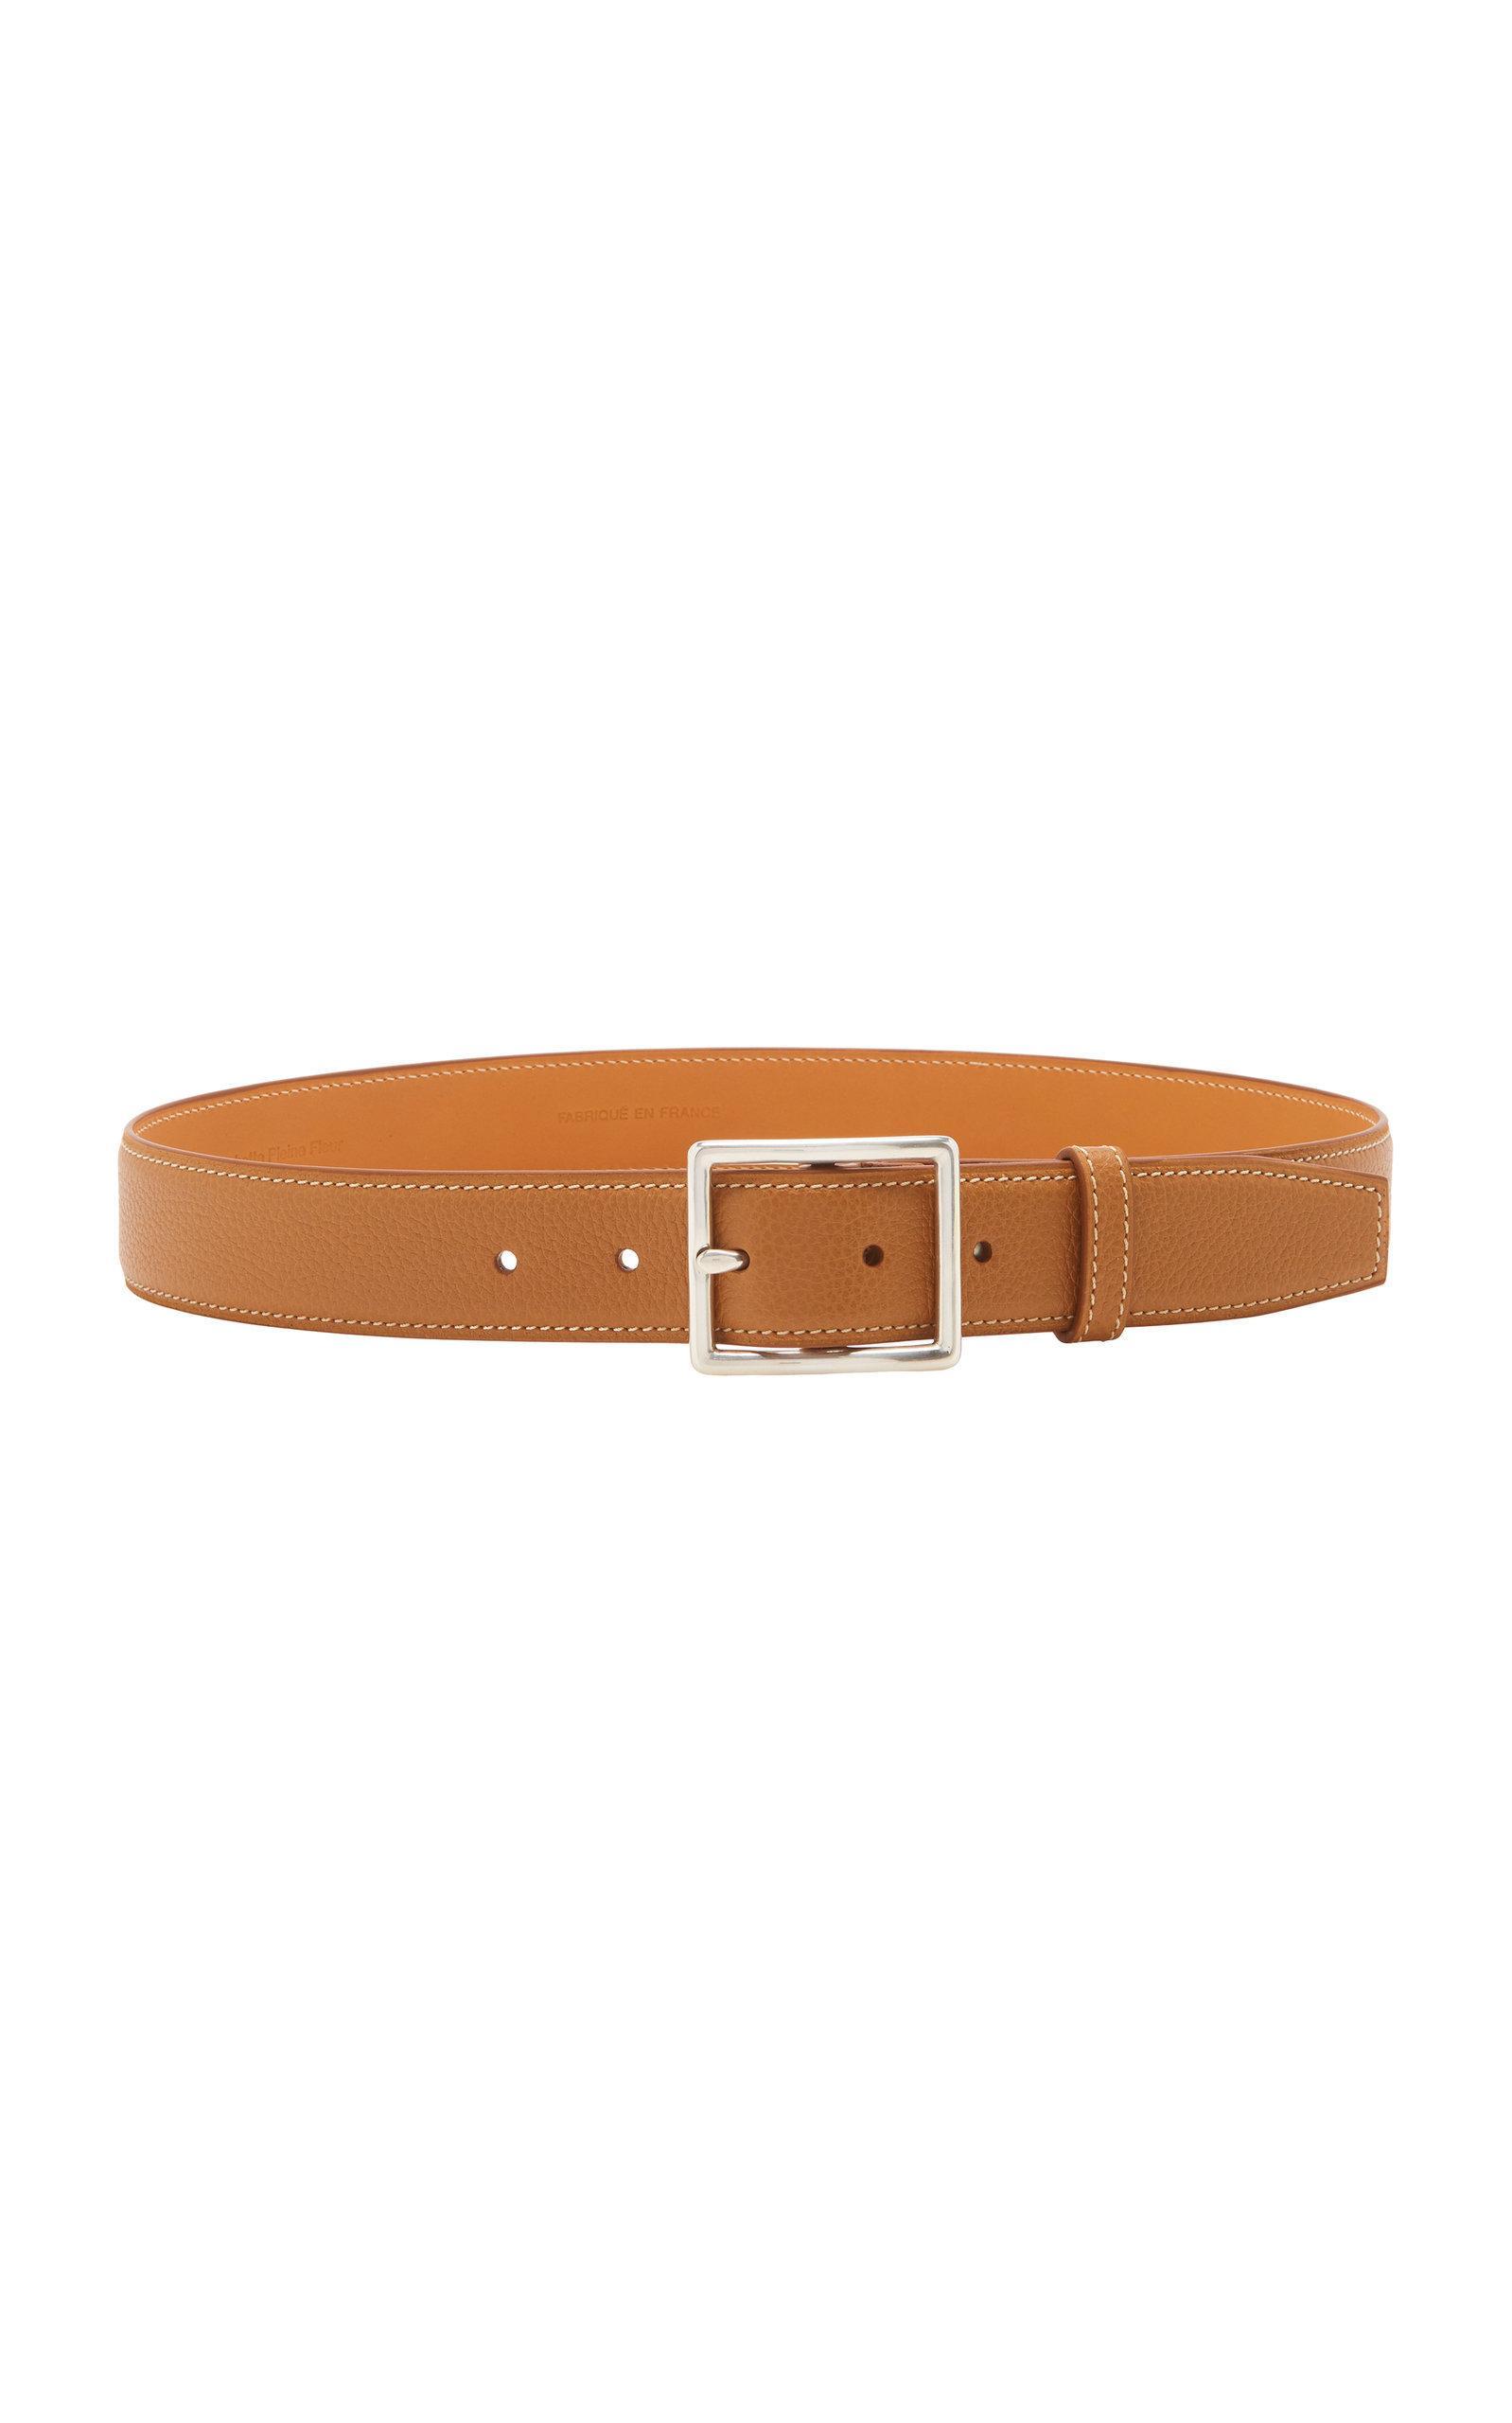 Maison Vaincourt Exclusive Leather Waist Belt In Brown